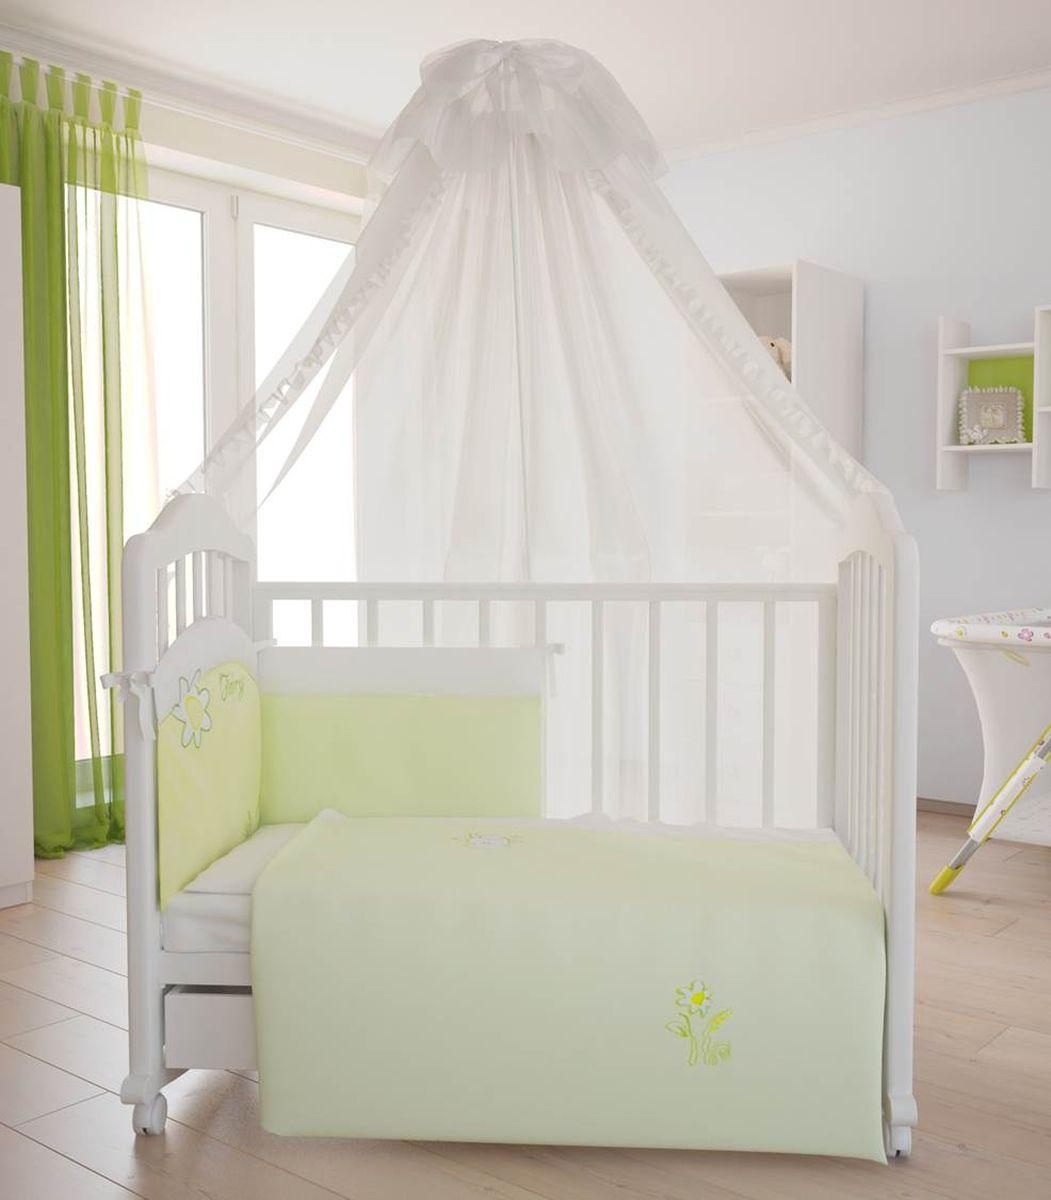 Fairy (ВПК) Fairy Комплект белья для новорожденных На лугу цвет белый желтый 7 предметов 5614